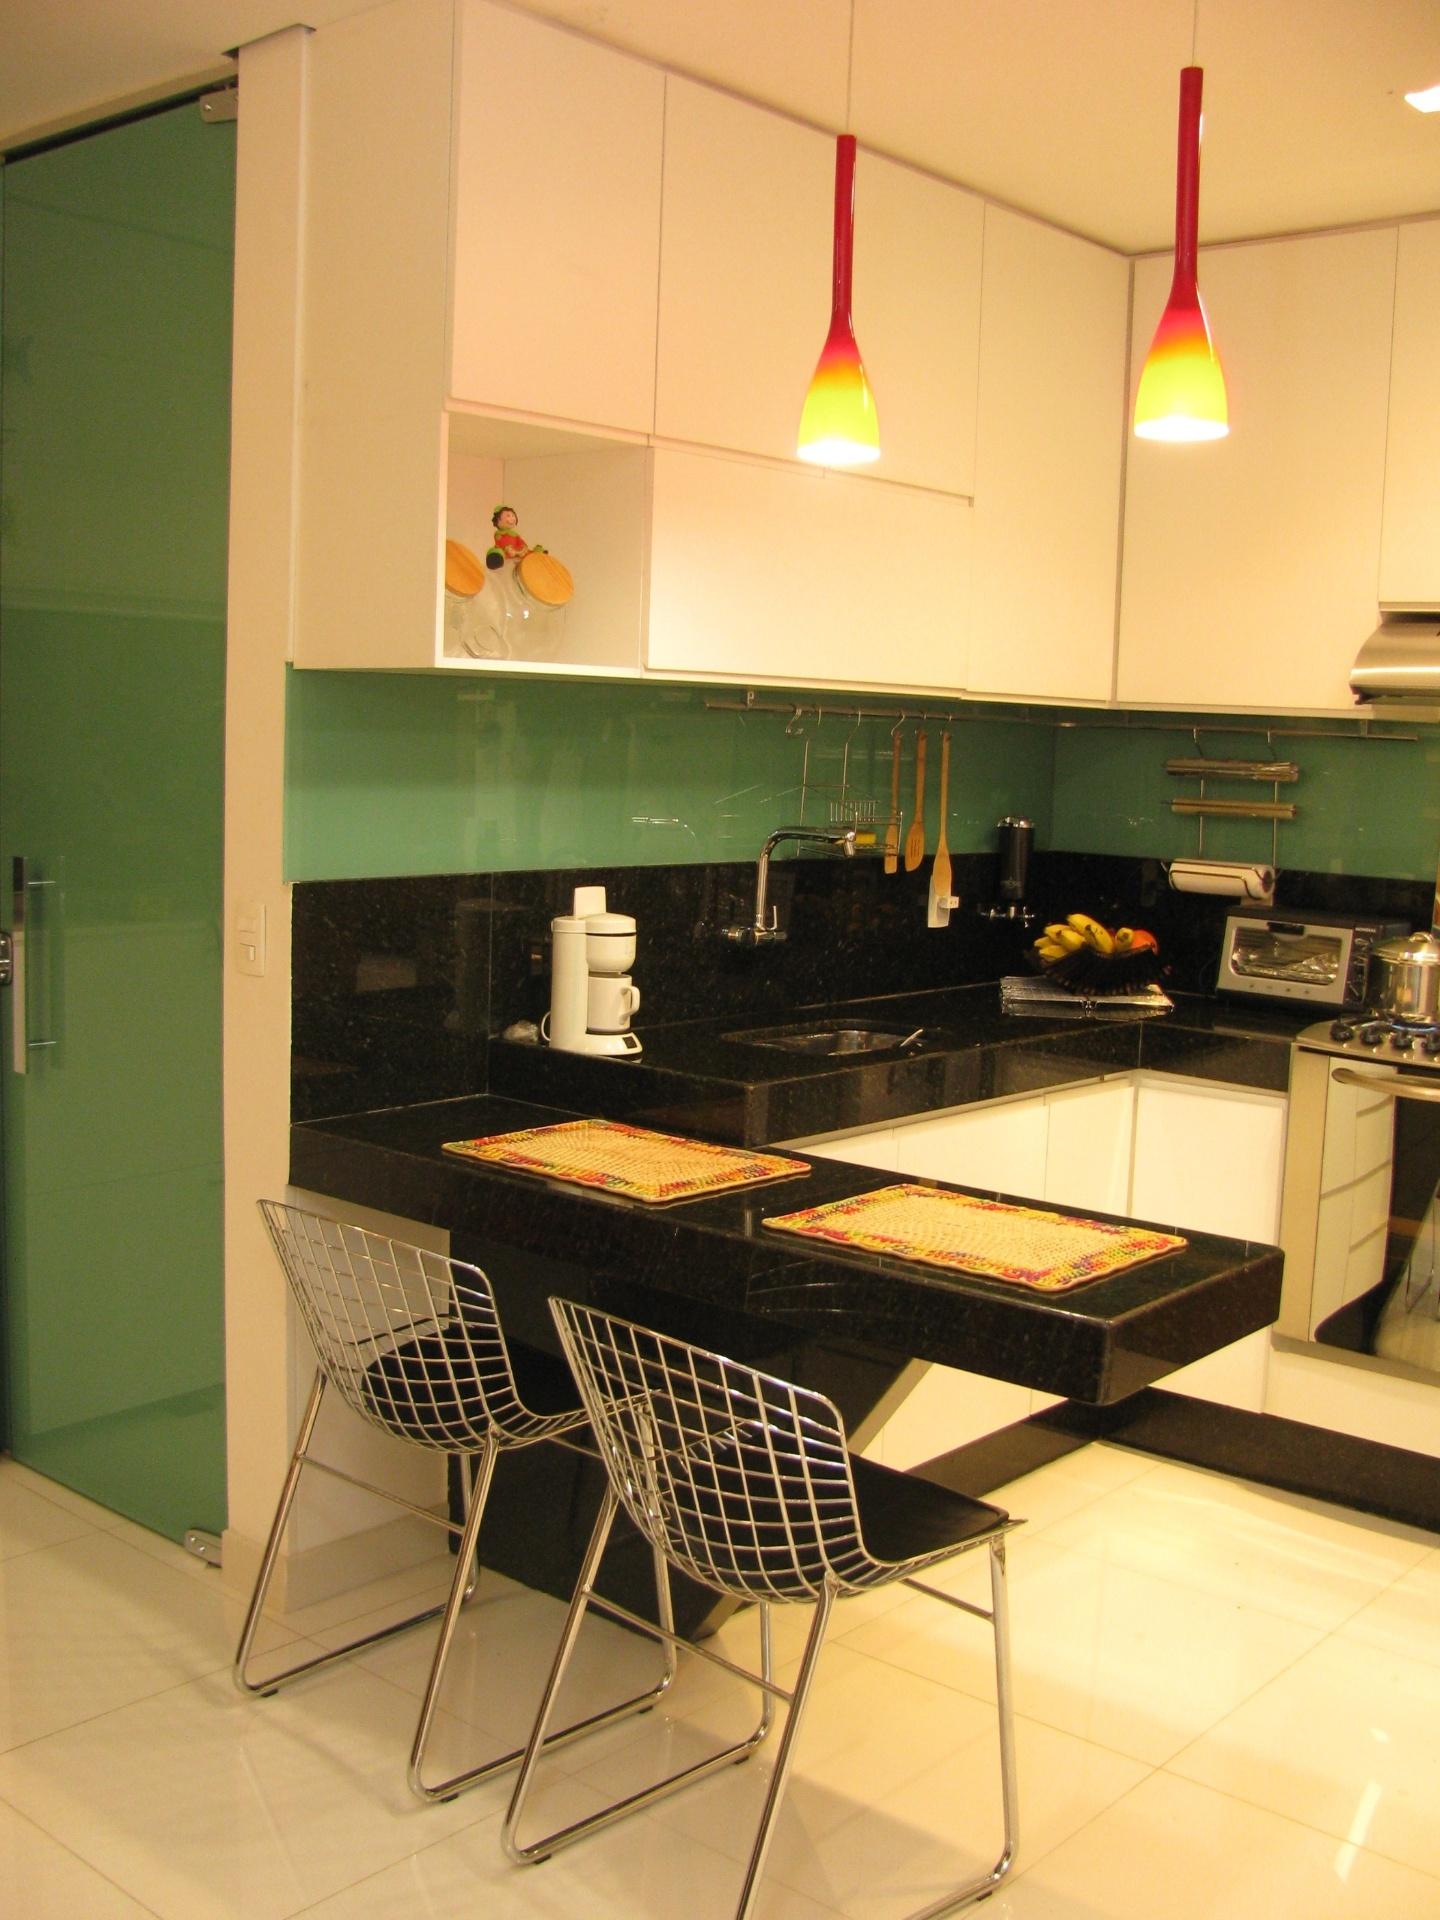 Combinada aos tons neutros, a cor verde escolhida pelas designers de interiores Fabiana Visacro e Laura Santos, da VS Design, para a decoração da cozinha, cria um ambiente acolhedor propício a este tipo de cômodo